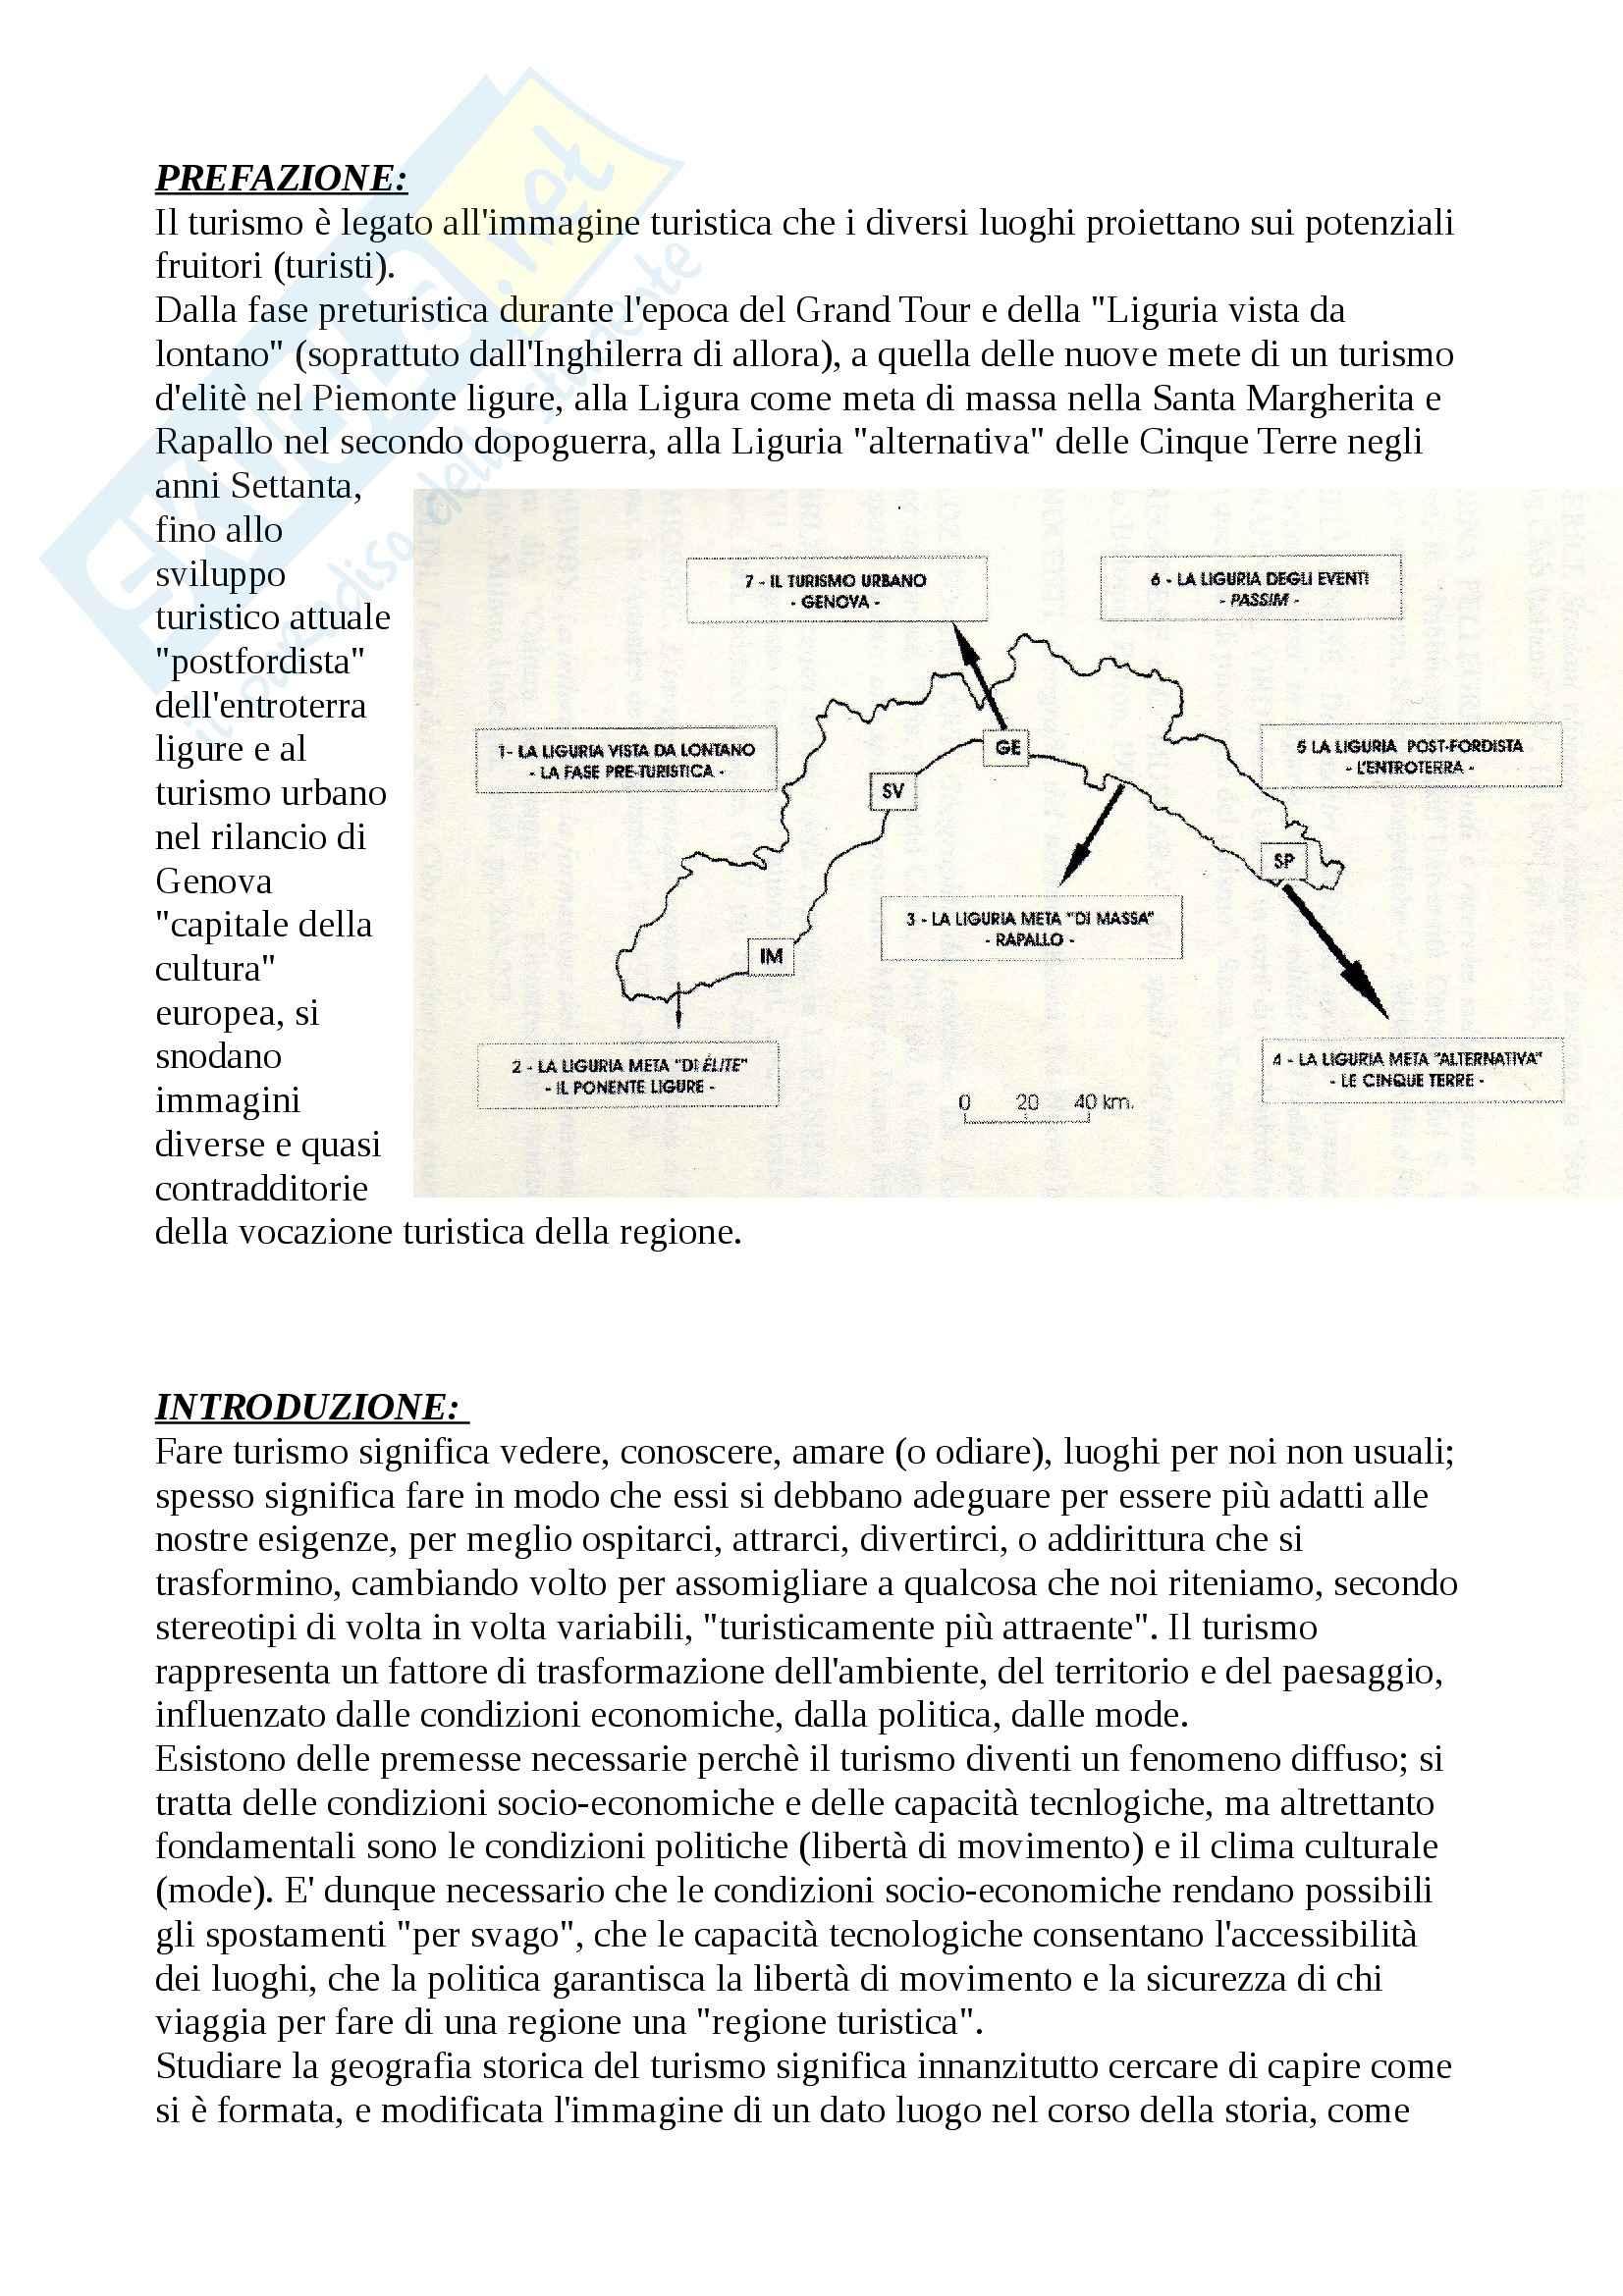 Riassunto esame Geografia del Turismo, prof. Bagnoli, libro consigliato Modi e Mode del Turismo in Liguria, Ruffini